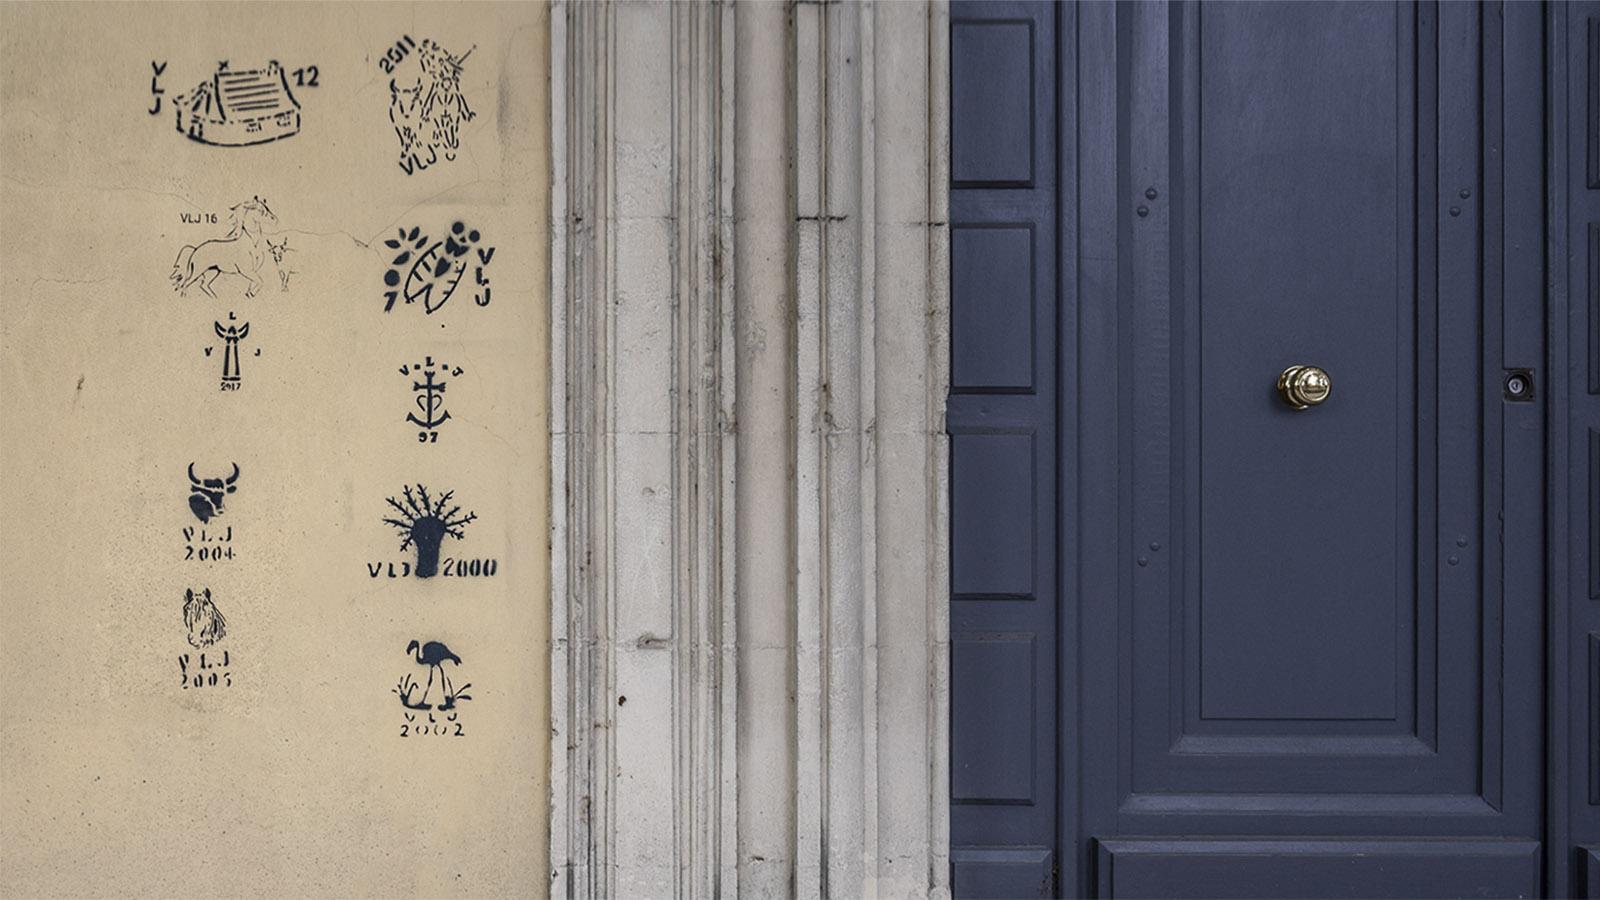 Solche gestempelten Zeichen findet ihr häufig in der Petite Camargue. Sie verraten: Hier wohnt ein Sieger der Course Camarguaise. Foto: Hilke Maunder